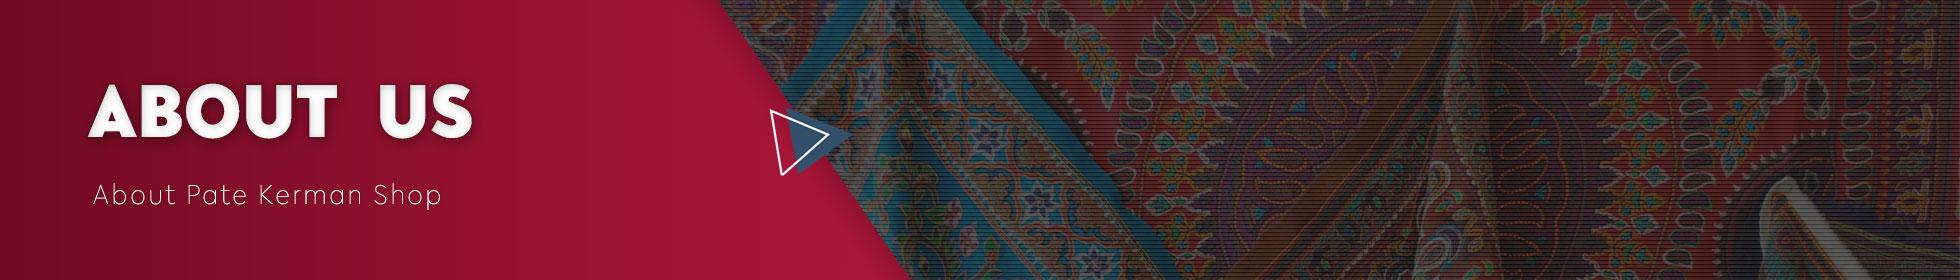 About Pate Kerman Shop